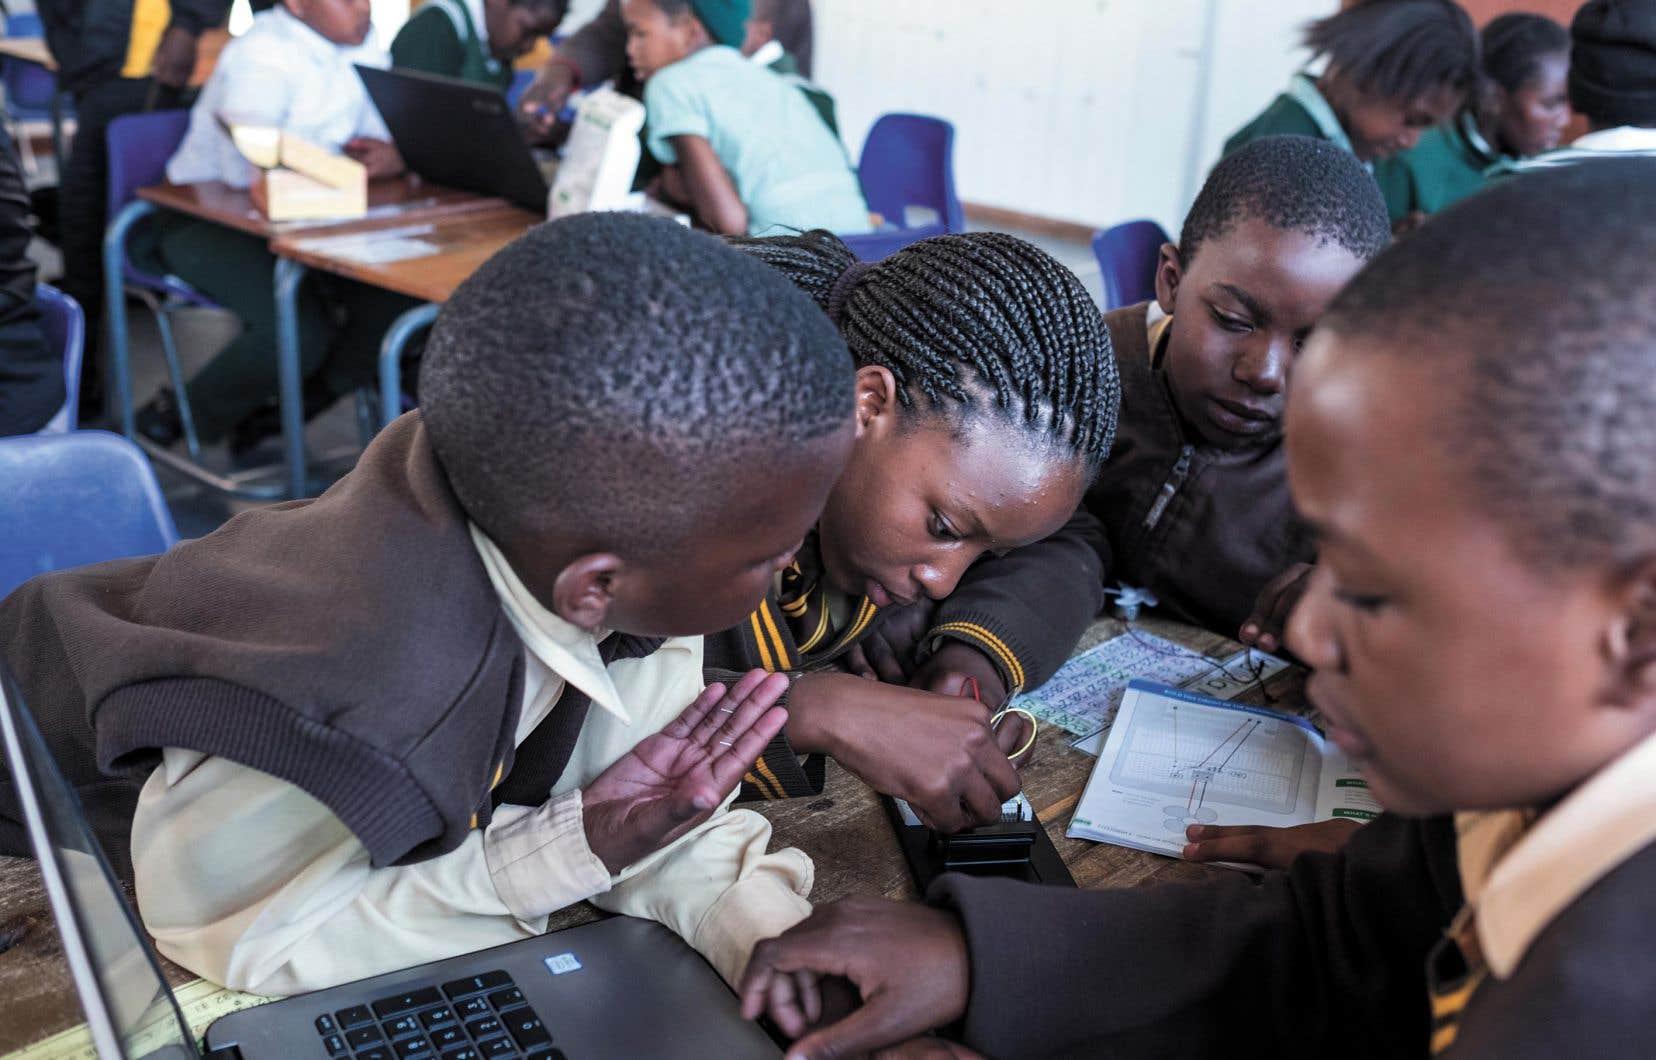 Dans le township densément peuplé d'Ivory Park, aux abords de la ville sud-africaine de Midrand, une soixantaine d'écoliers de onze ans s'affrontent dans leur club local de codage informatique.